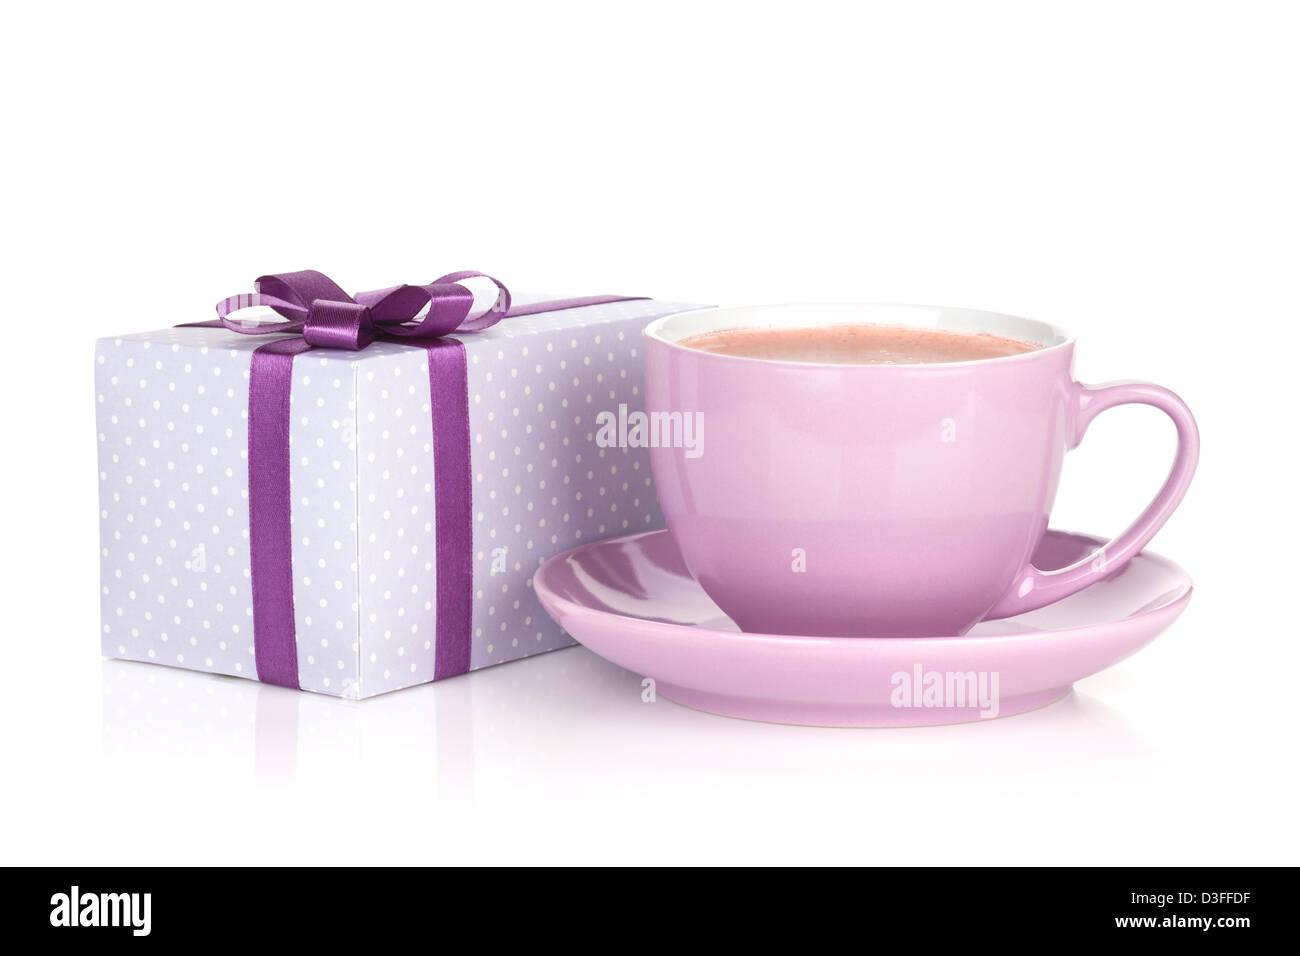 Lila Kaffee Tasse und Geschenk-Box mit Schleife. Isoliert auf weißem Hintergrund Stockbild